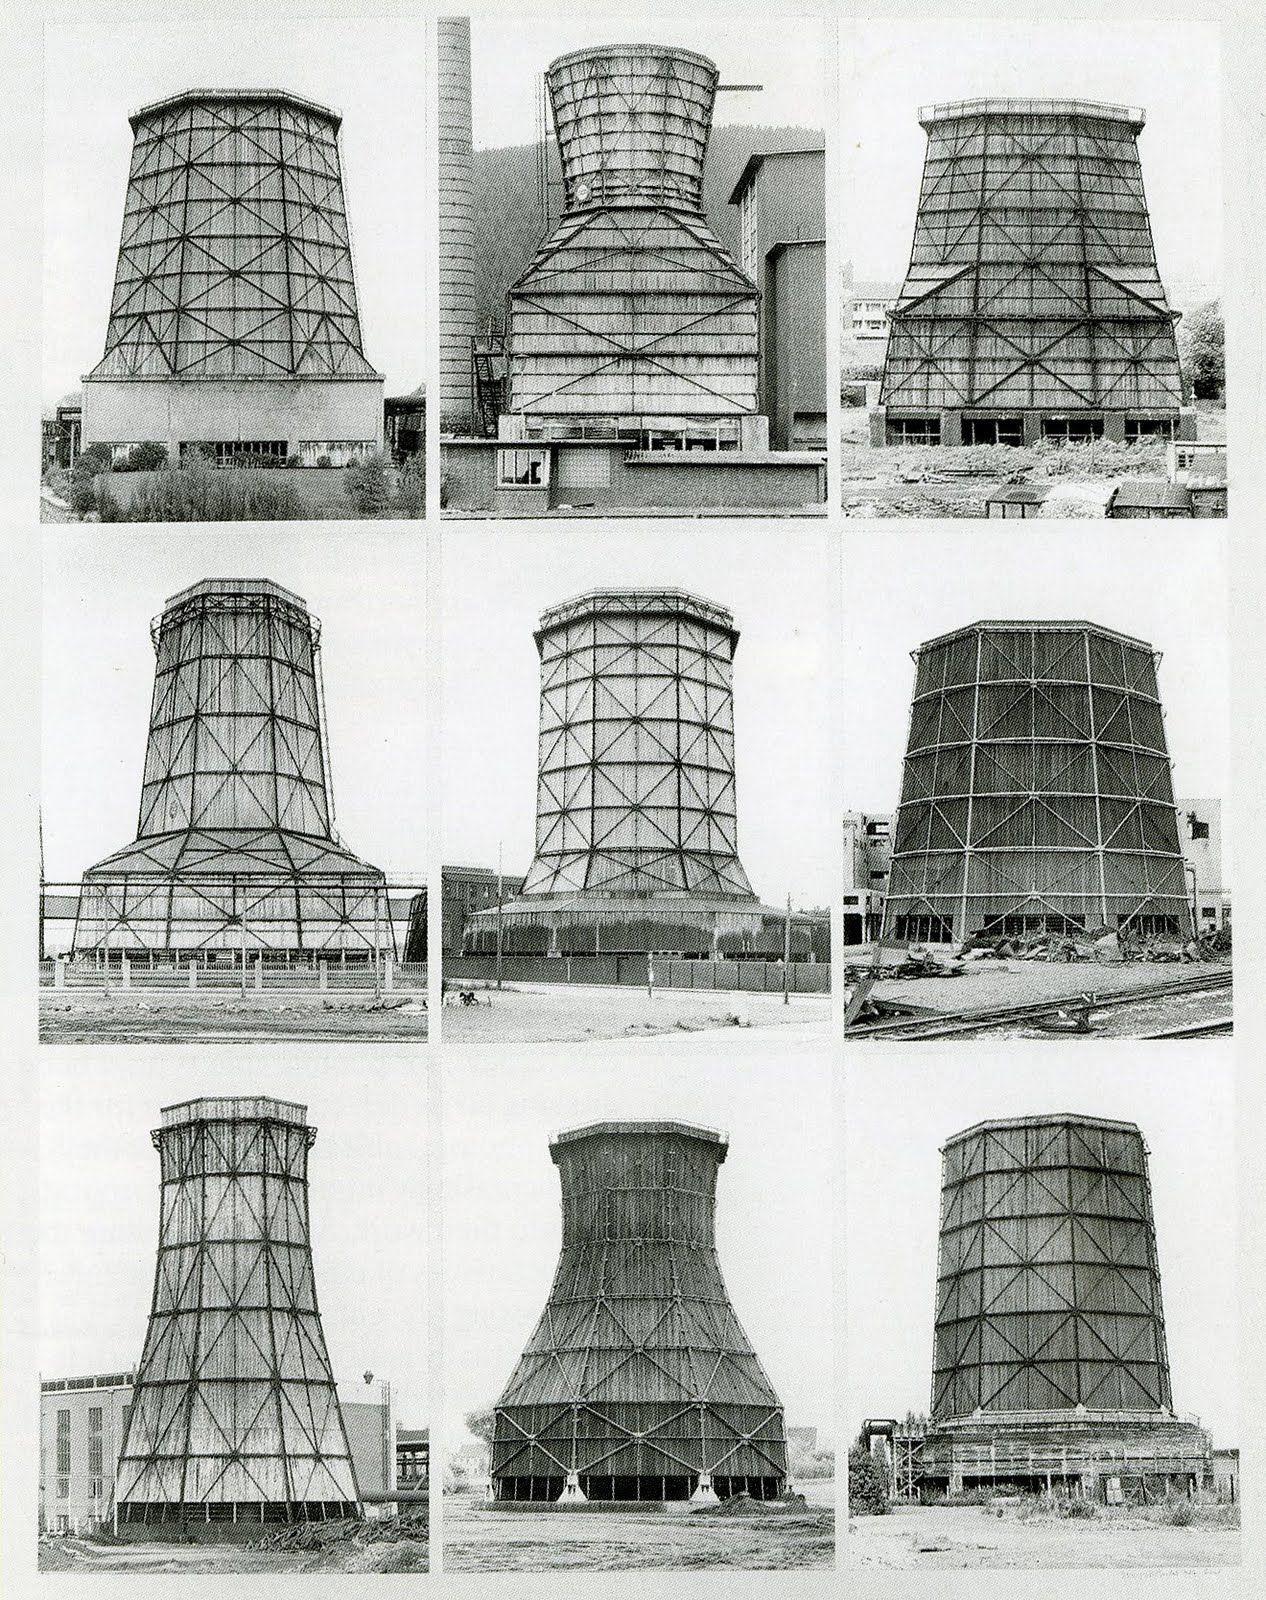 Bernd Hilla Becher Cooling Towers Google Search Hilla Becher